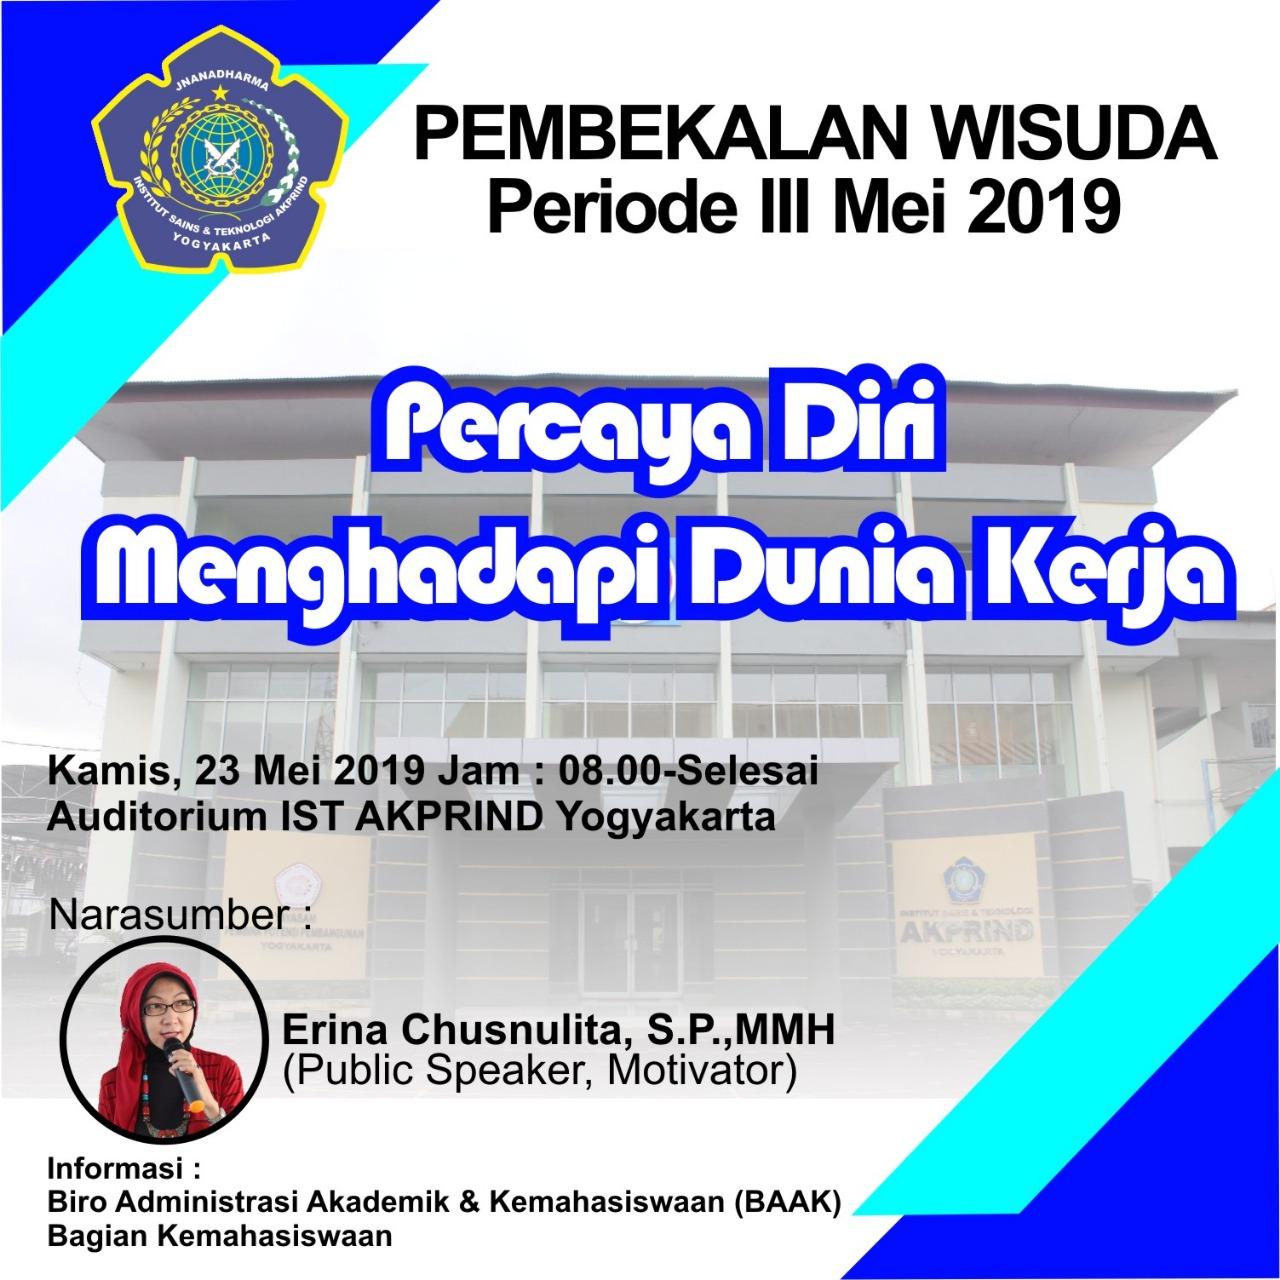 Pembekalan Wisuda Periode Mei 2019